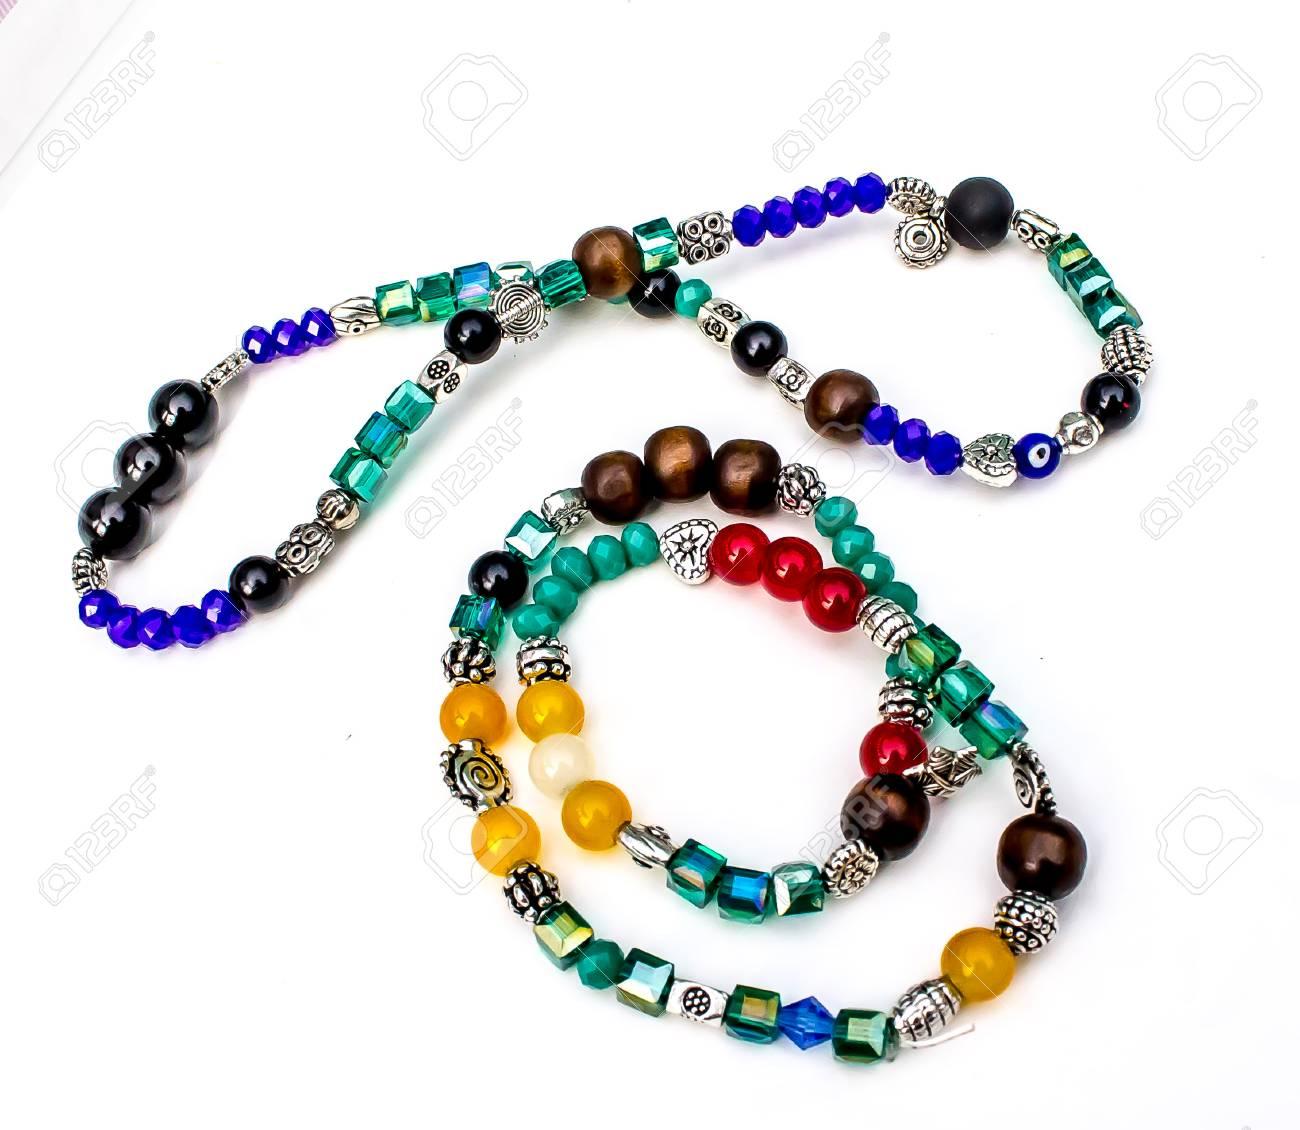 Youth bracelet on white background - 101688040